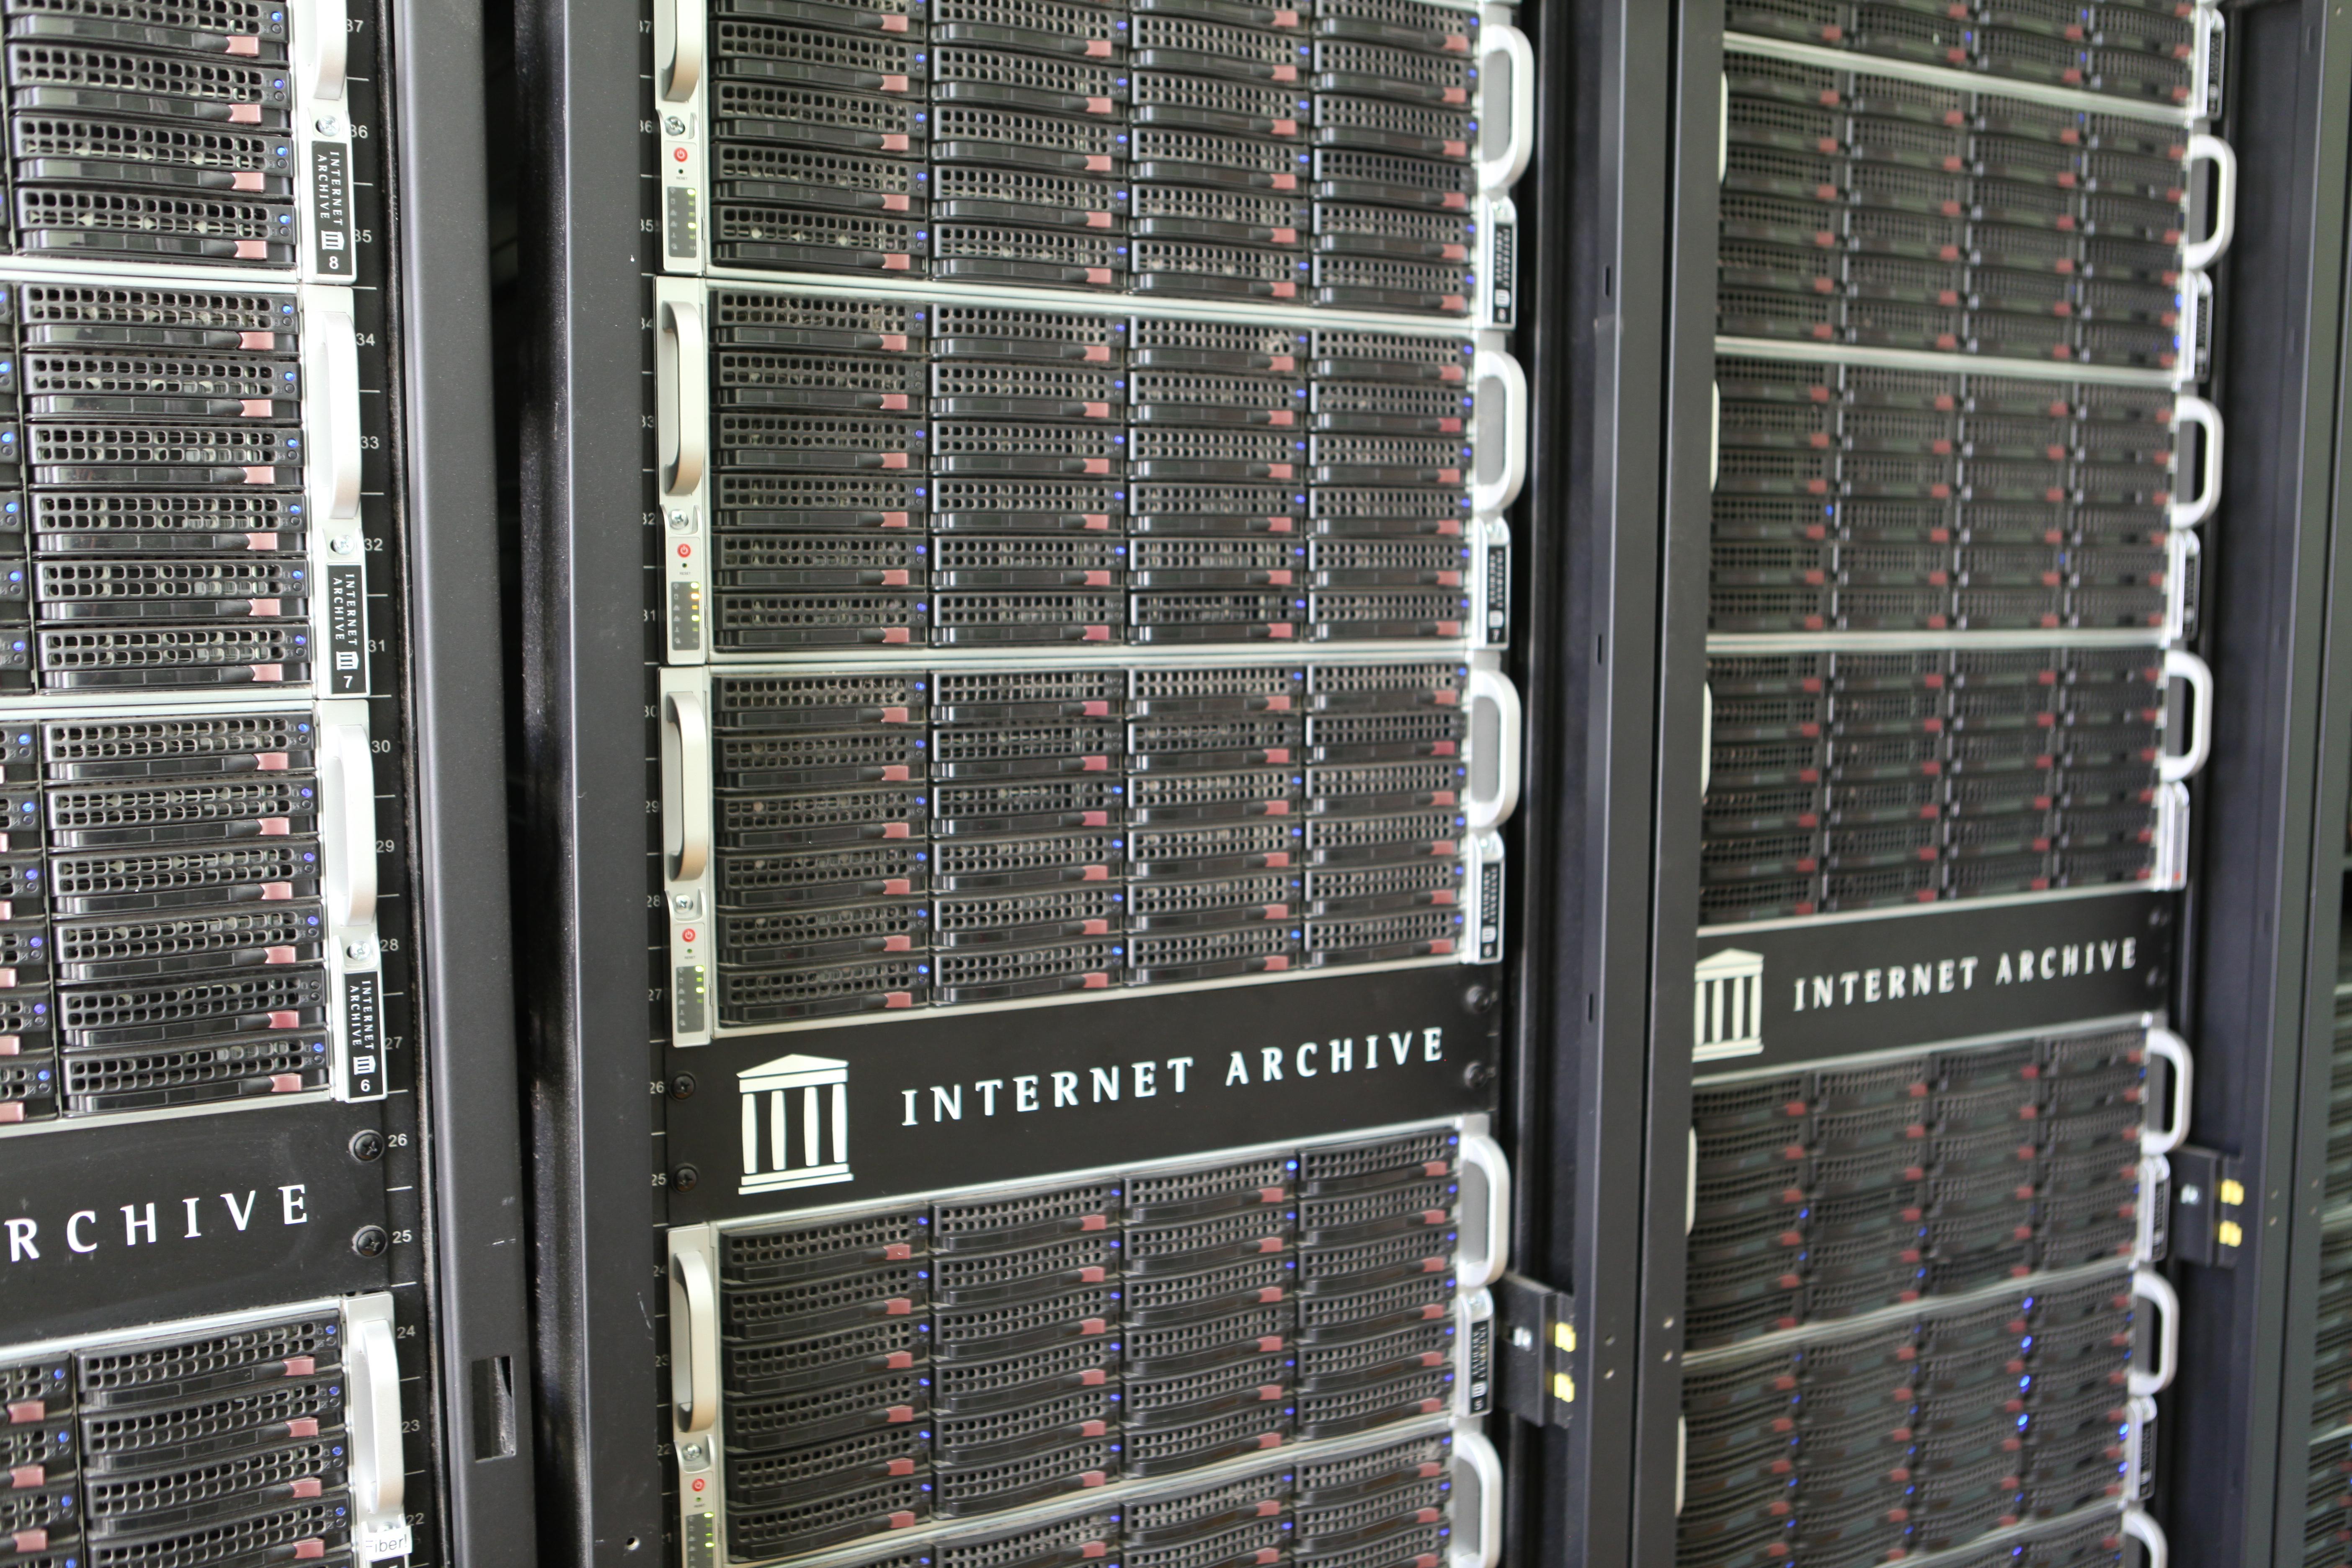 Pubblicati i criteri di Archiviabilità dei siti web